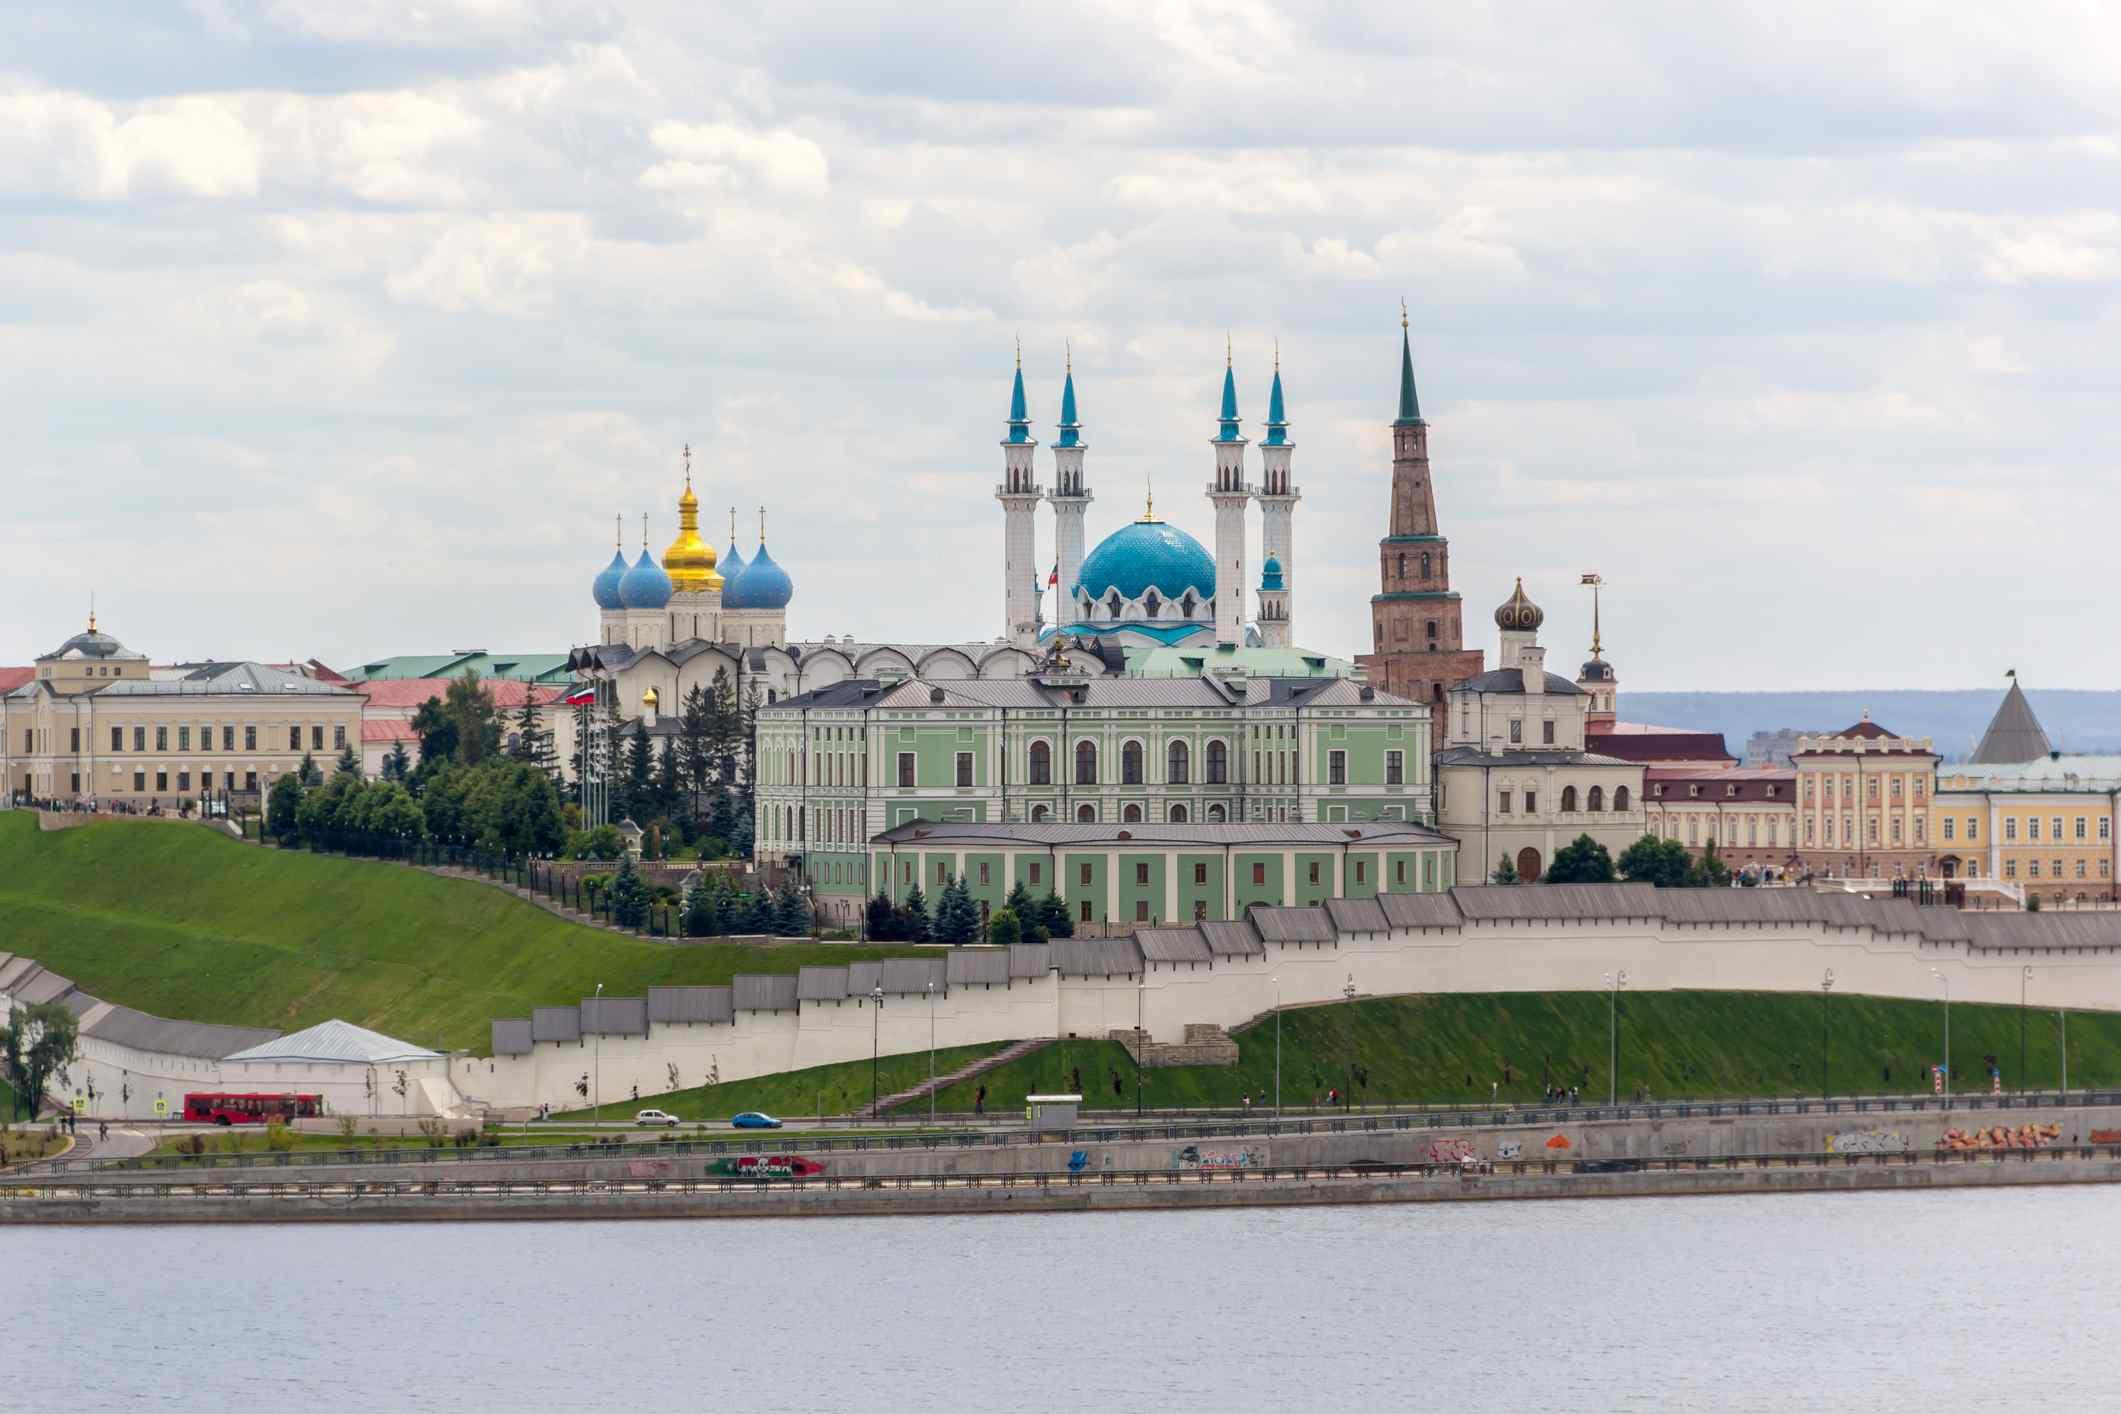 Kazan Kremlin from across the river